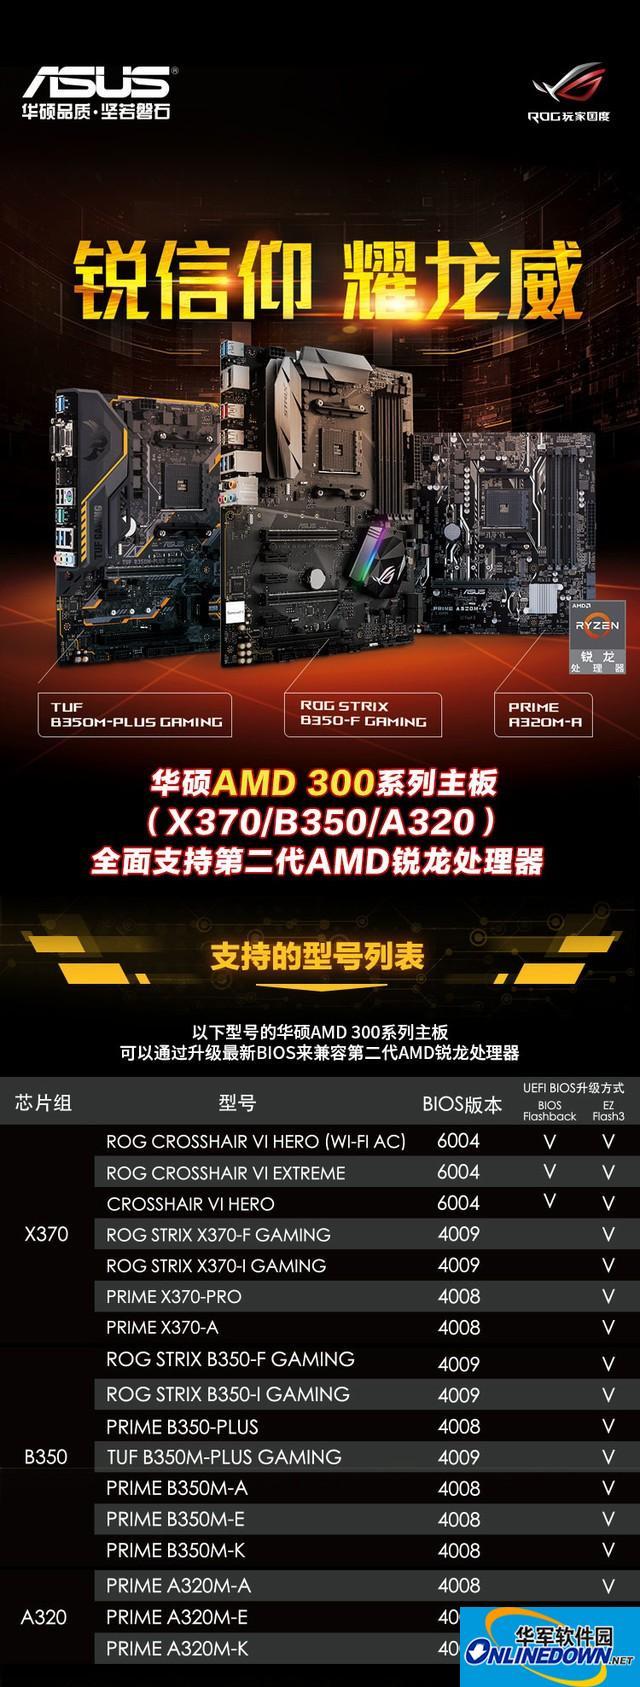 华硕主板升级BIOS 支持第二代AMD锐龙CPU